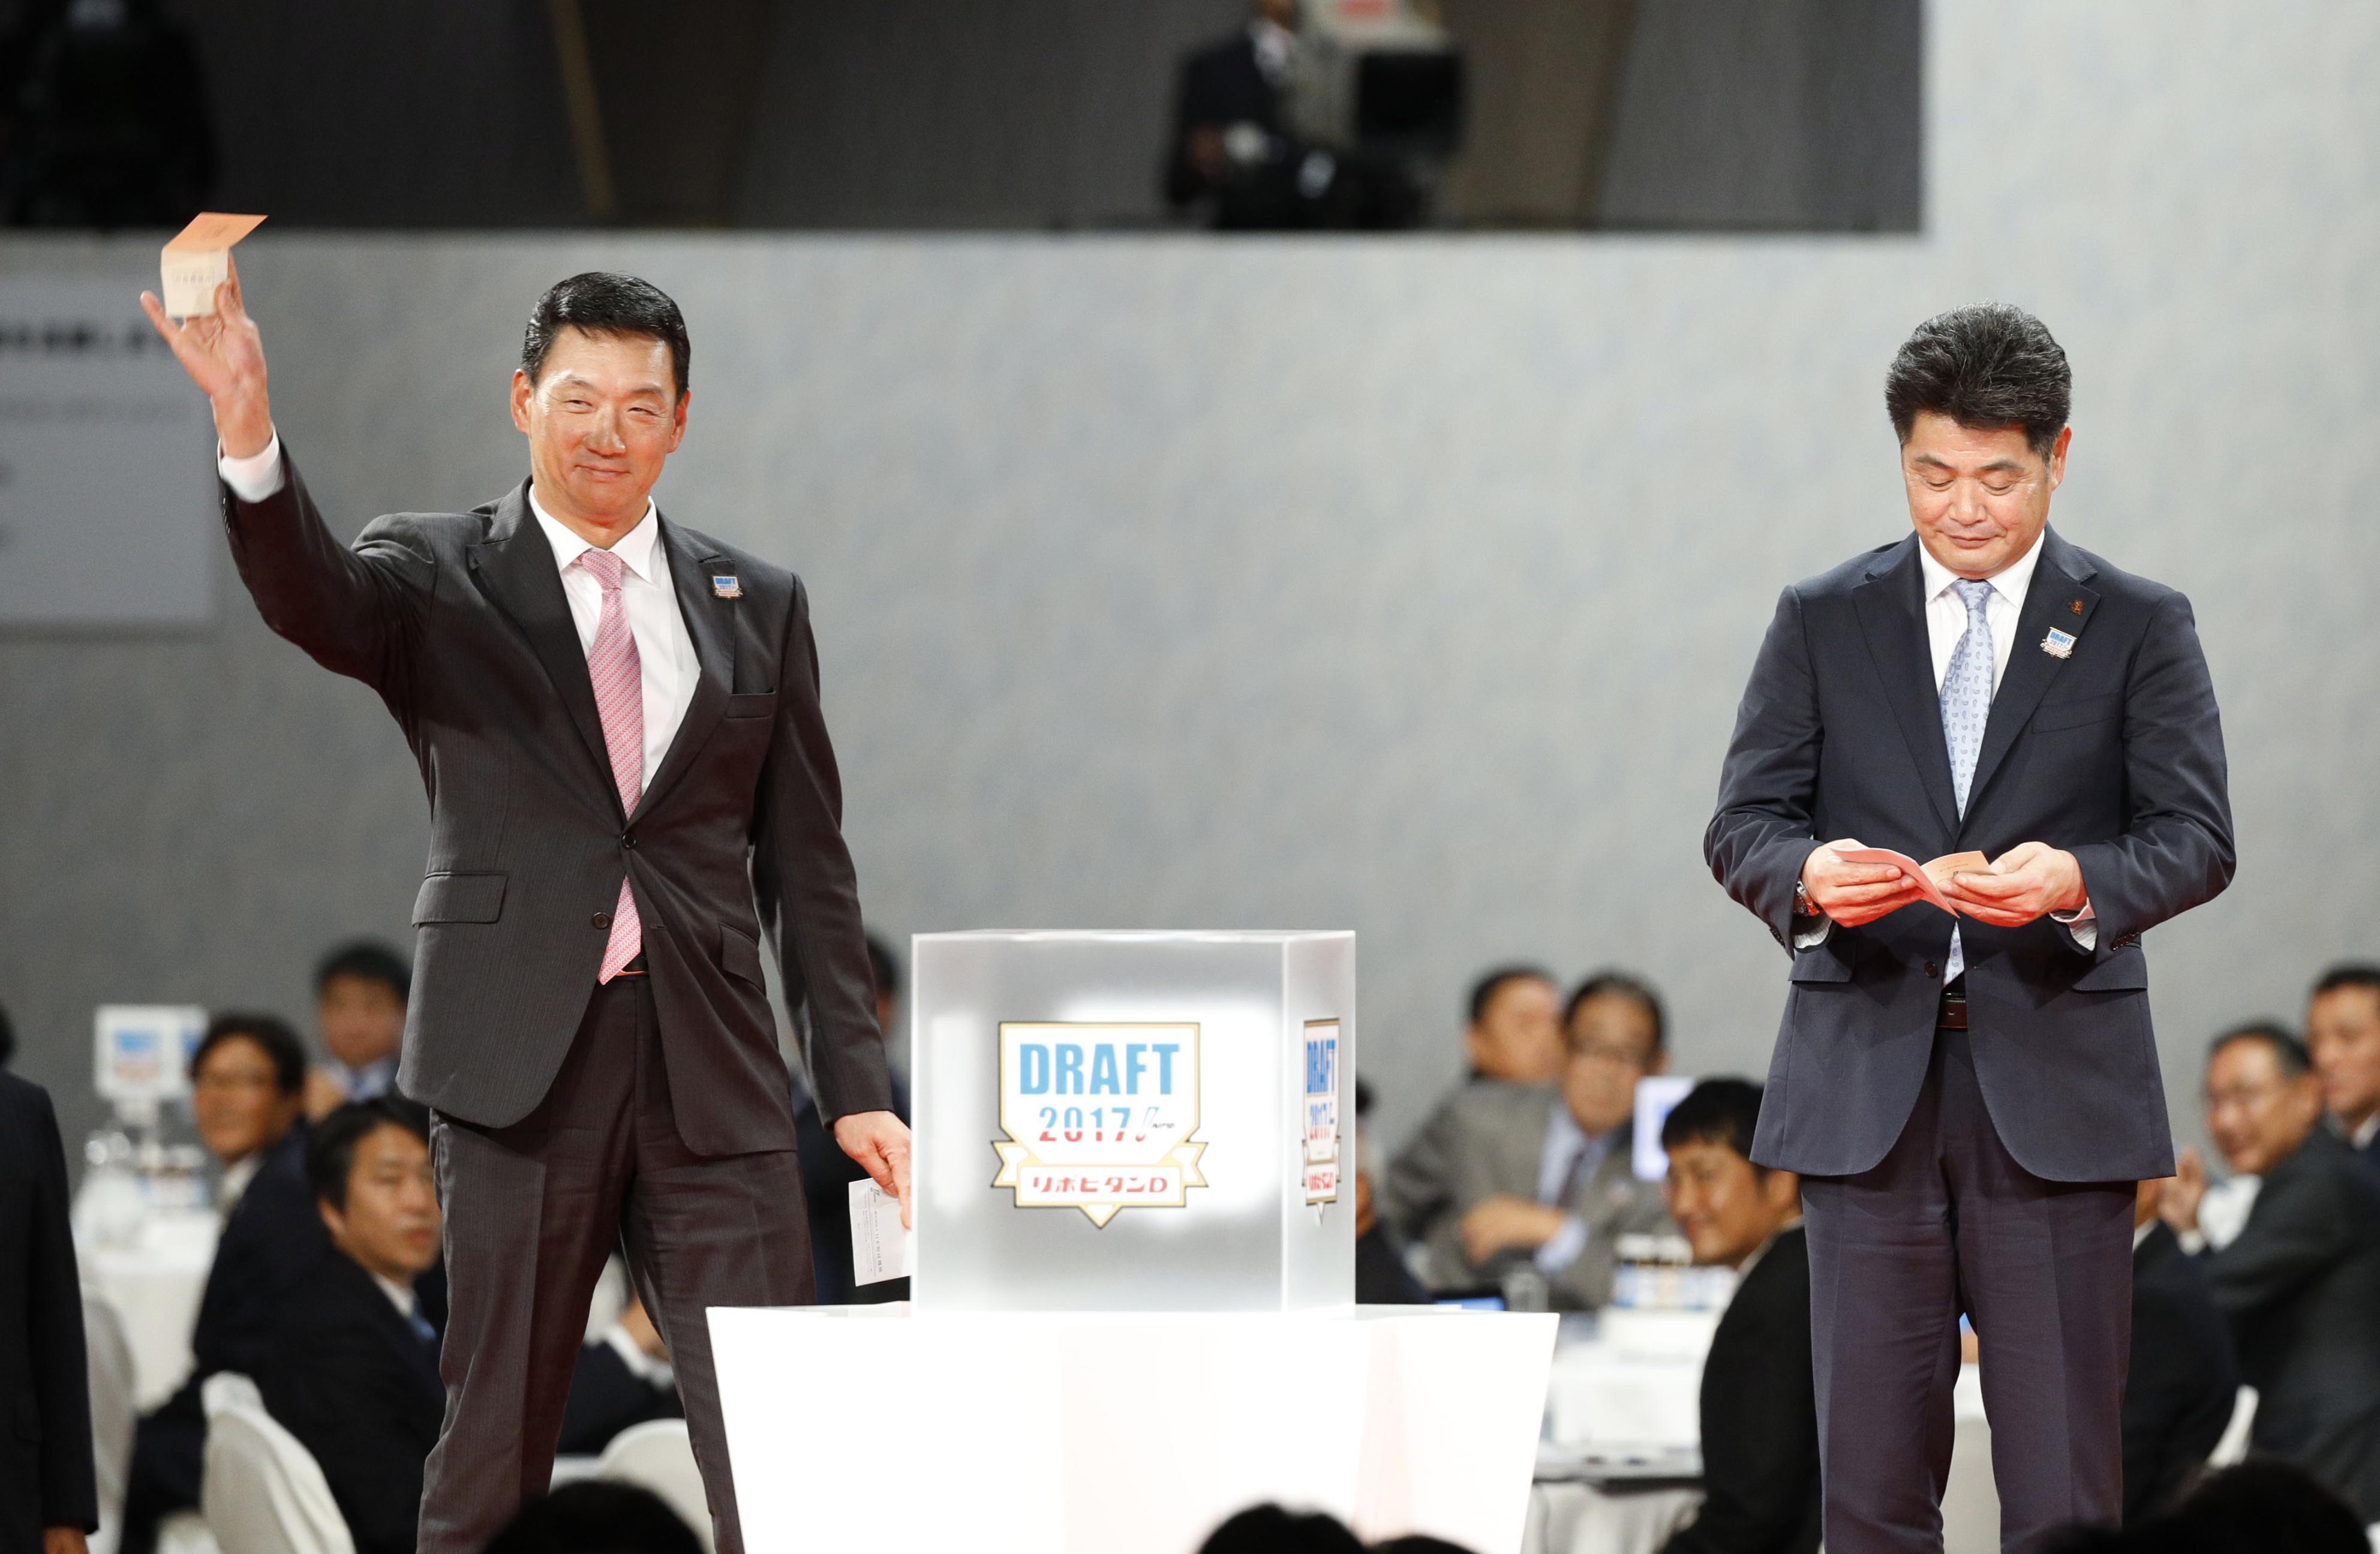 2017年ドラフトで仙台大・馬場皐輔の交渉権を引き当ててガッツポーズを見せる金本前監督 ©KYODO